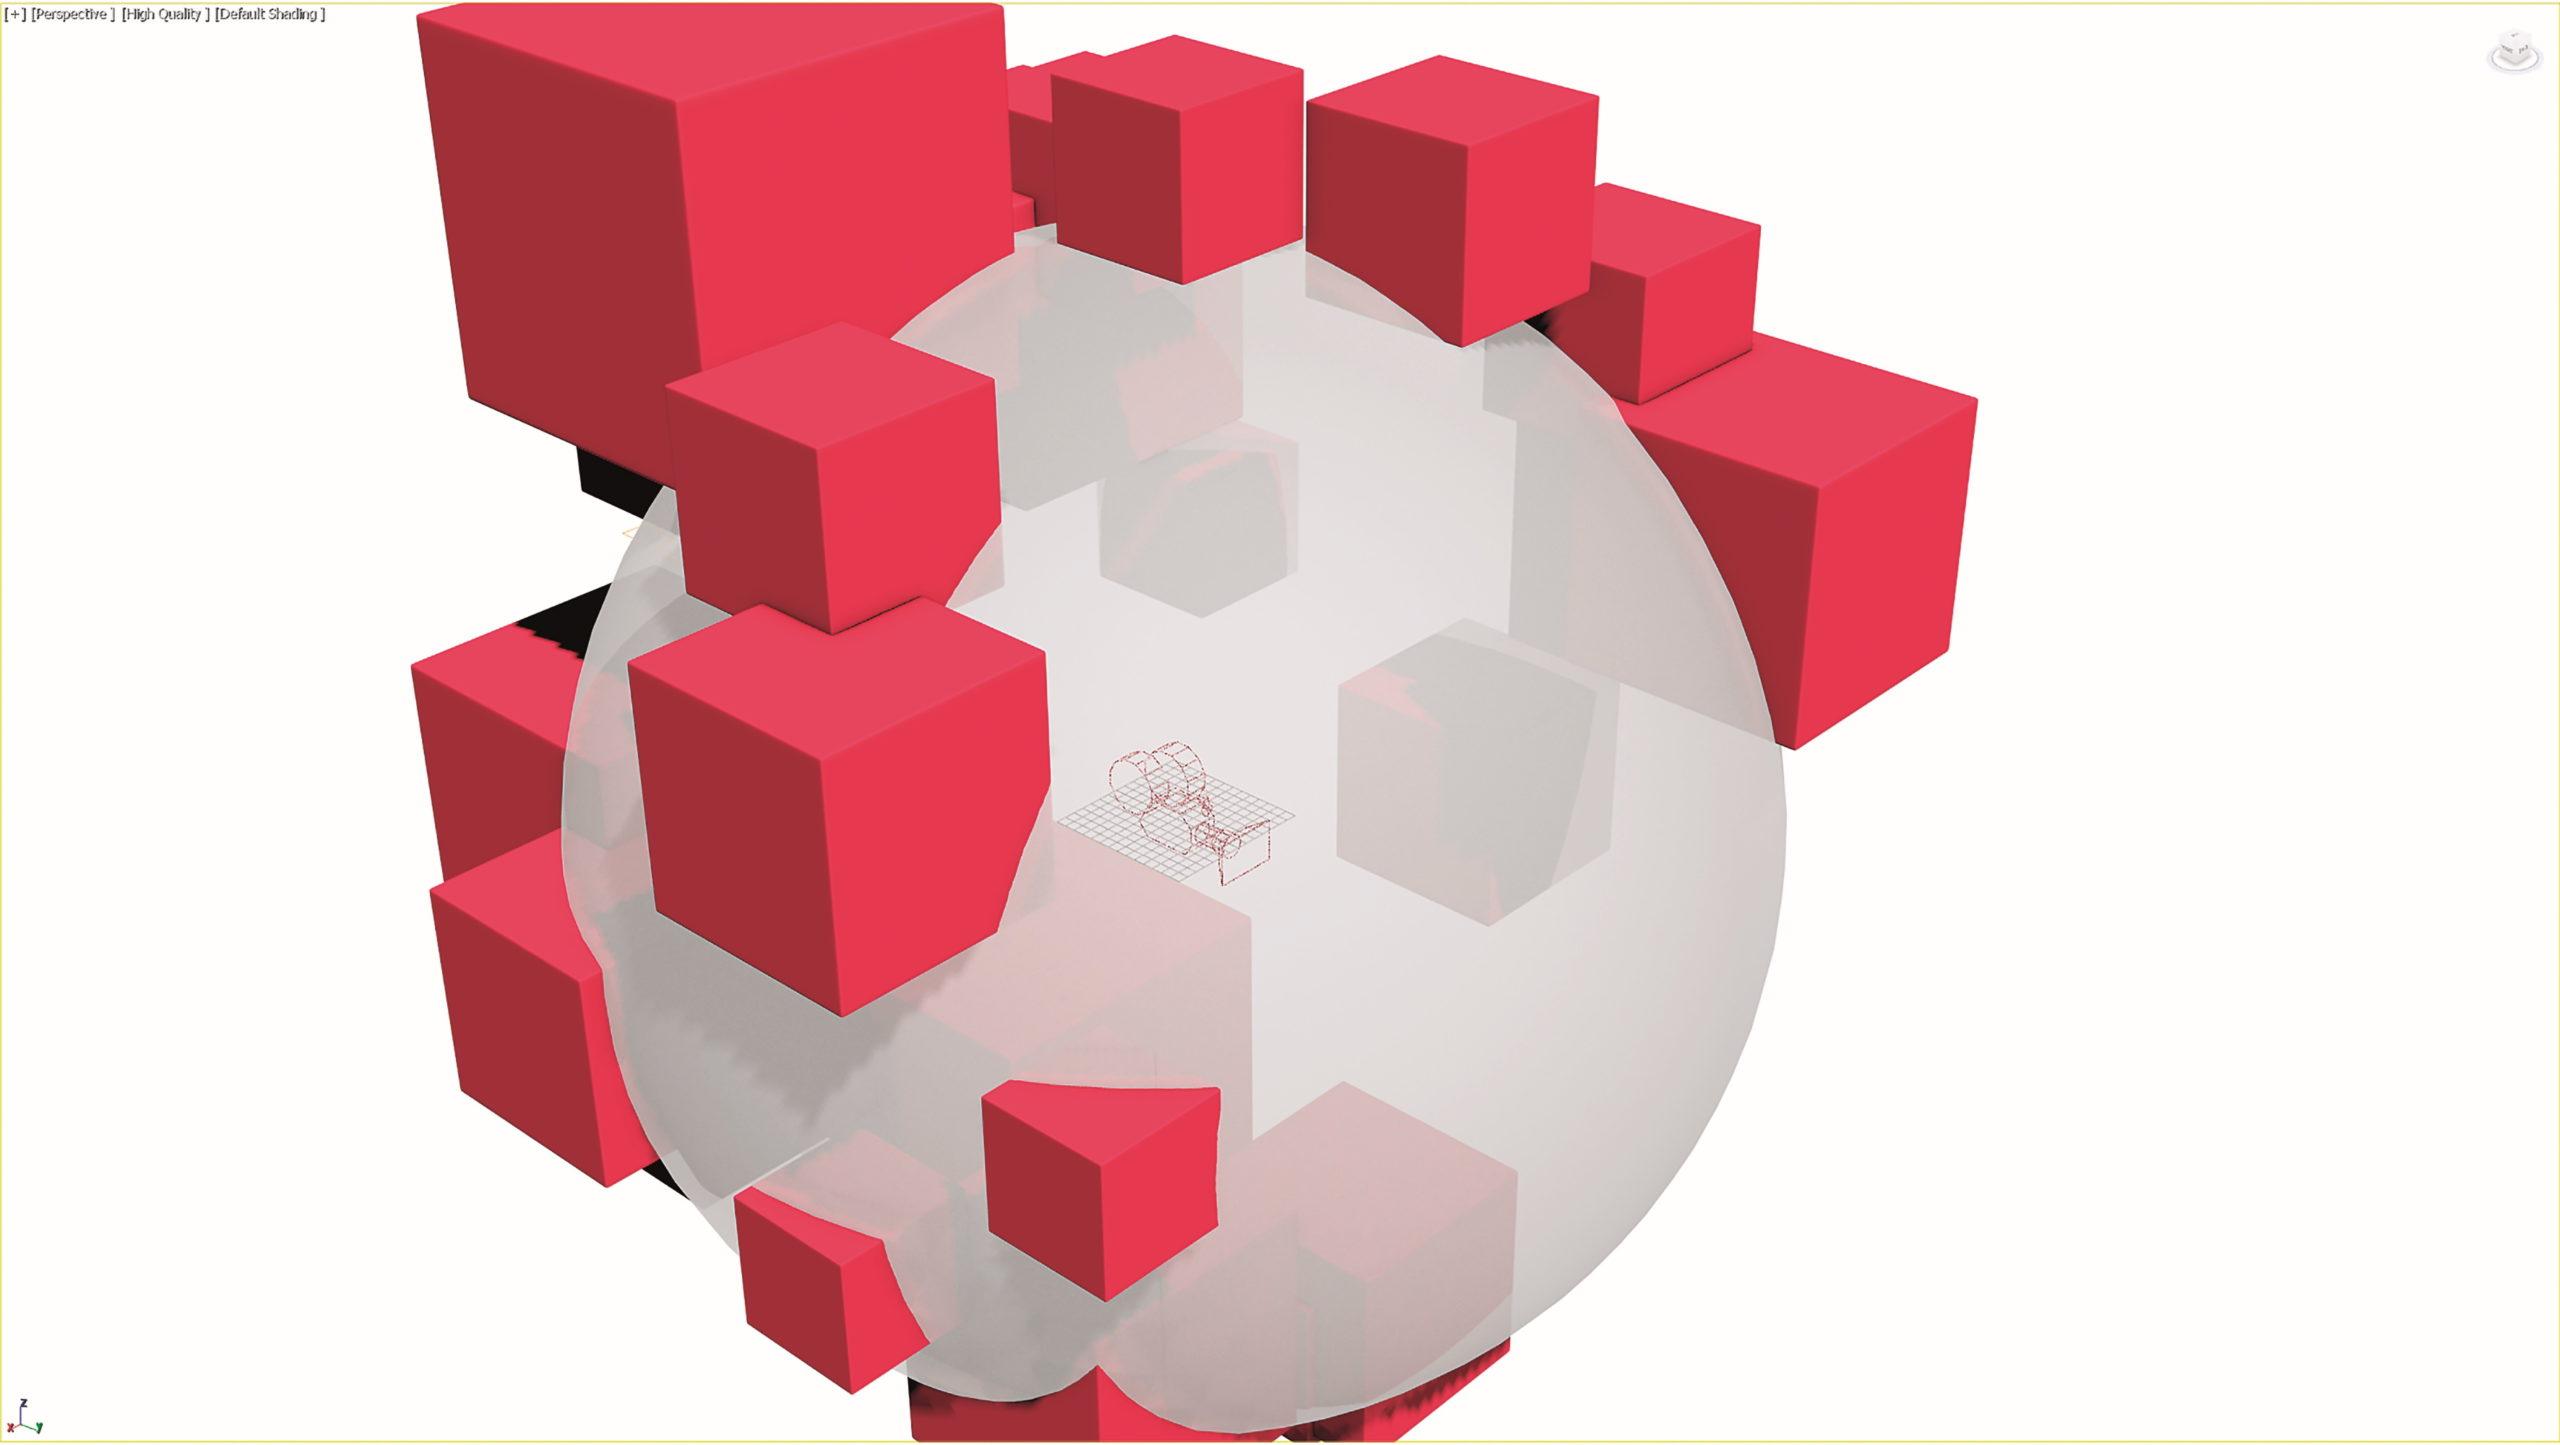 Die eigene Bühne und Beleuchtungsanlage lässt sich in einer eigenen Arnold-Szene realisieren. Für das Rendering wird eine Arnold Spherical Cam benötigt.